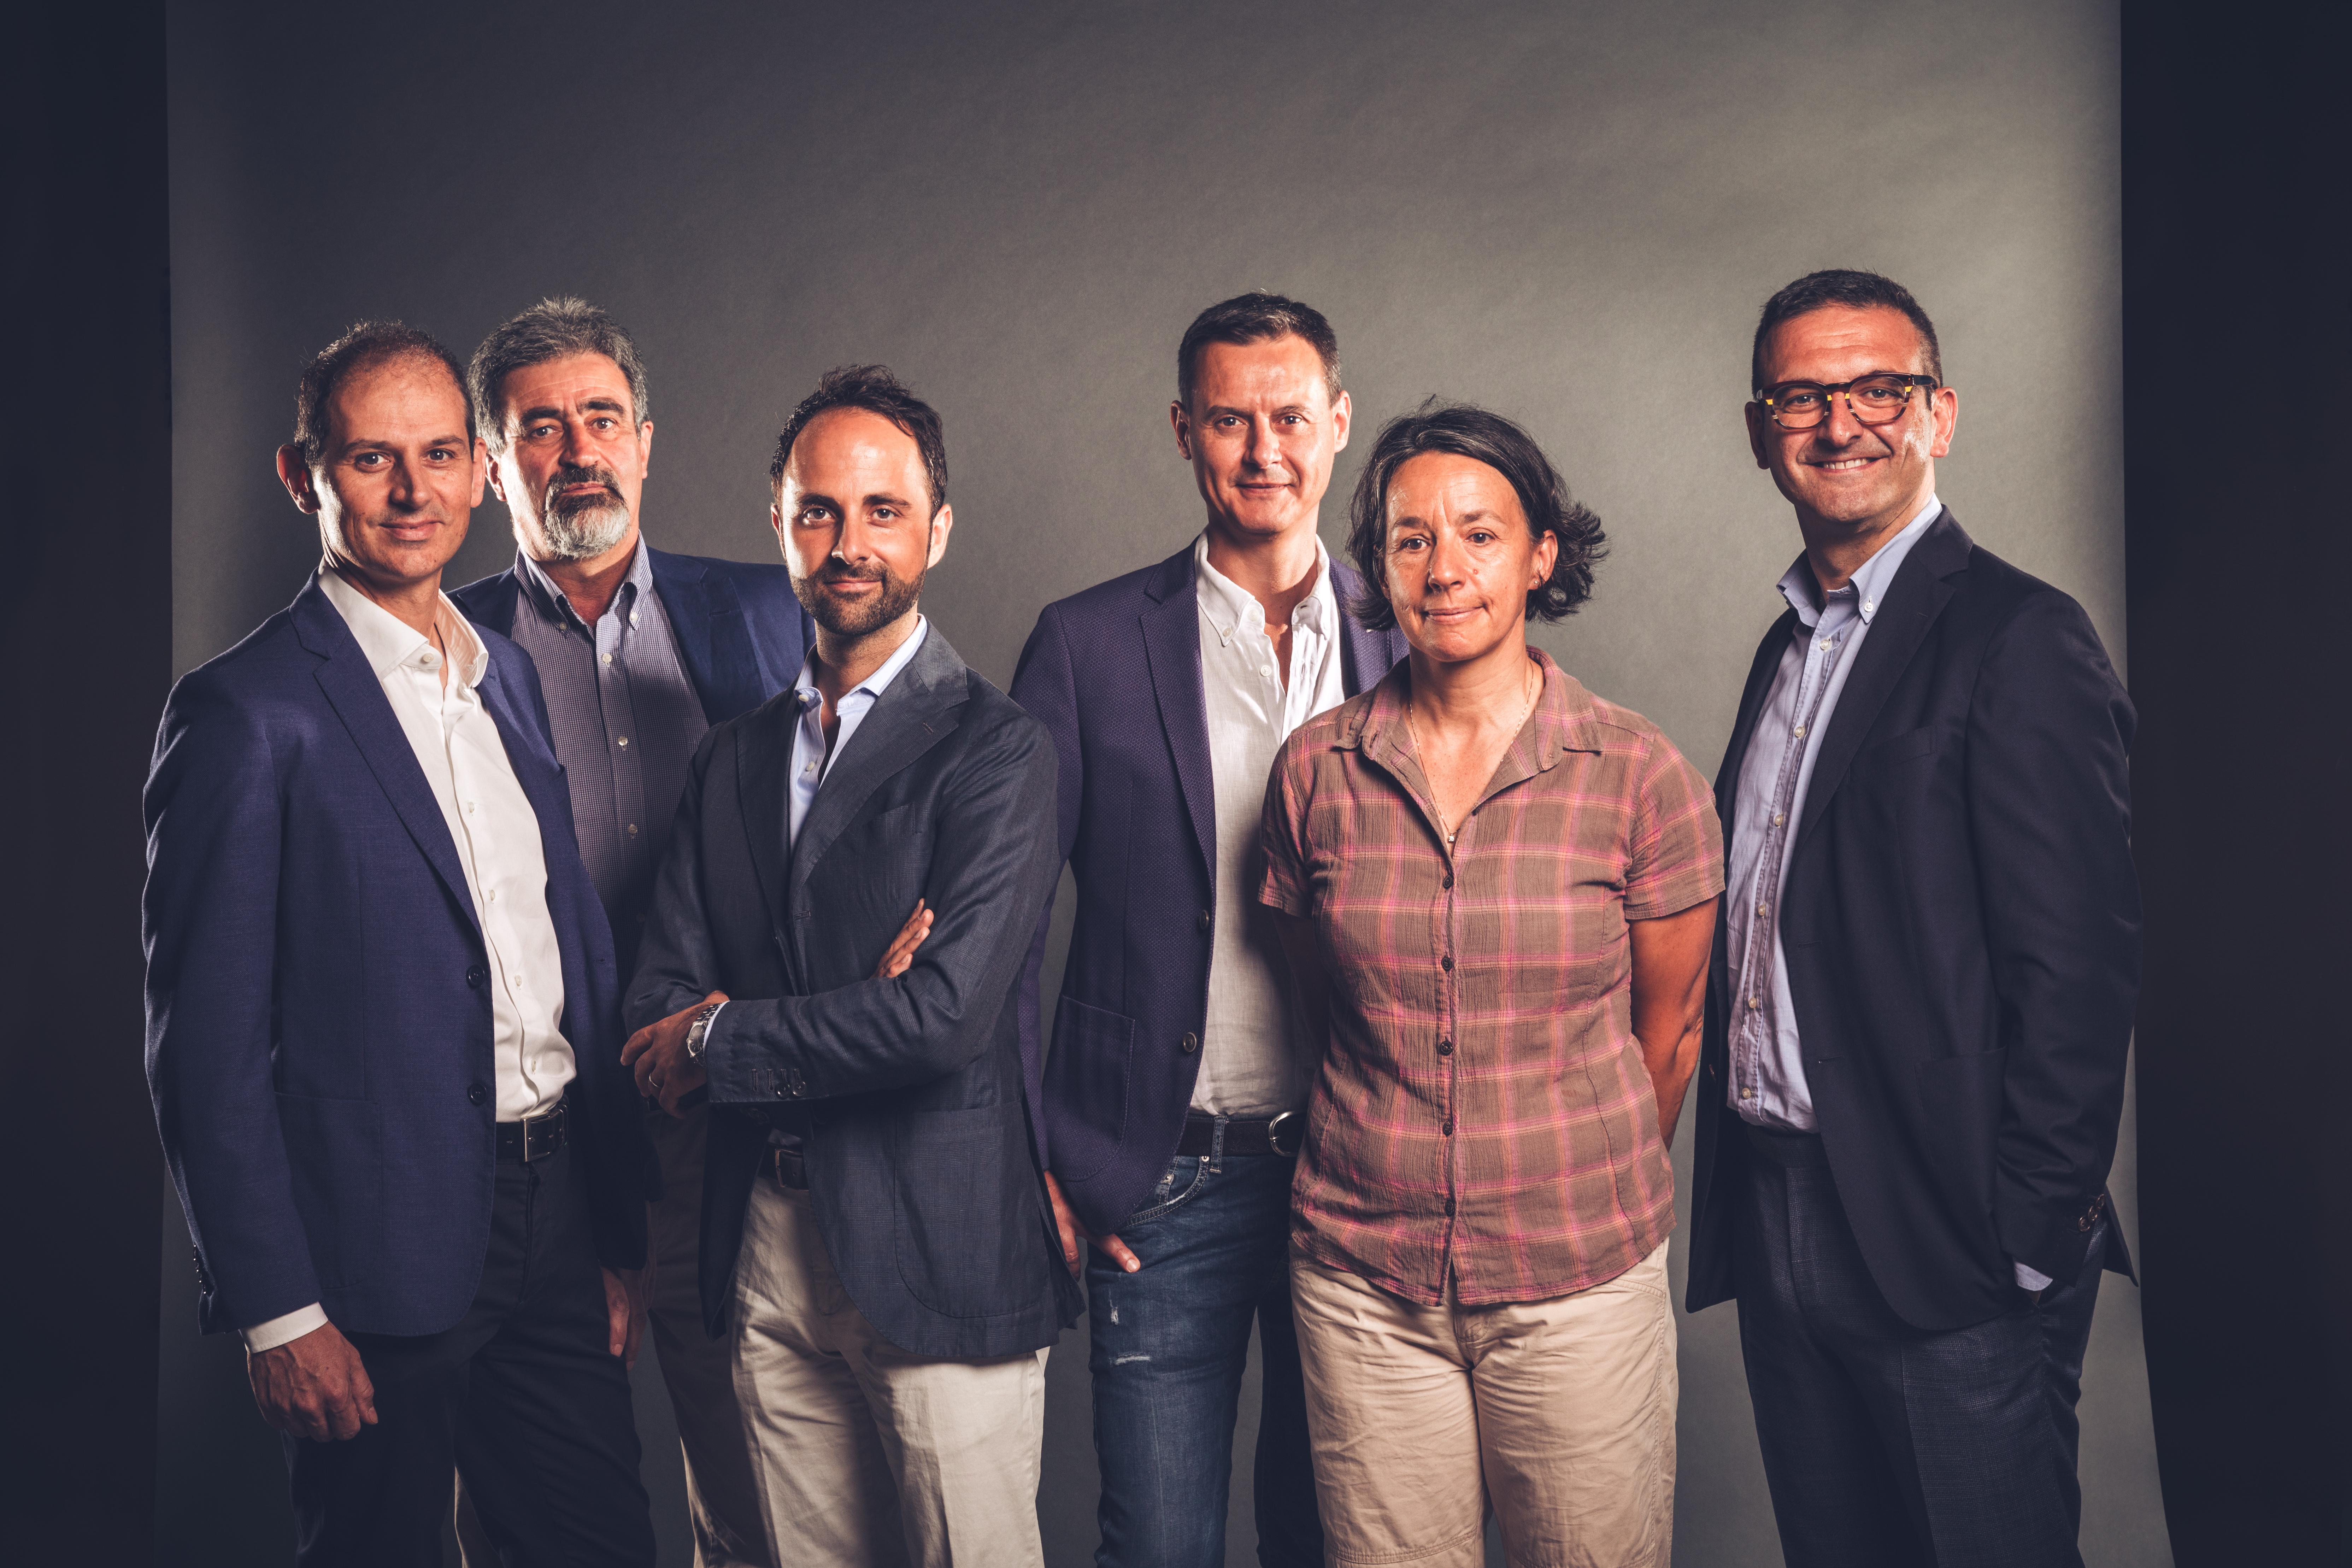 CONSIGLIO DI GESTIONE Da sinistra verso destra: Davide Zondini, Luigi Bersano, Enrico Gobino, Scipione Giuliani, Gaetane Carron e Marco Martini.